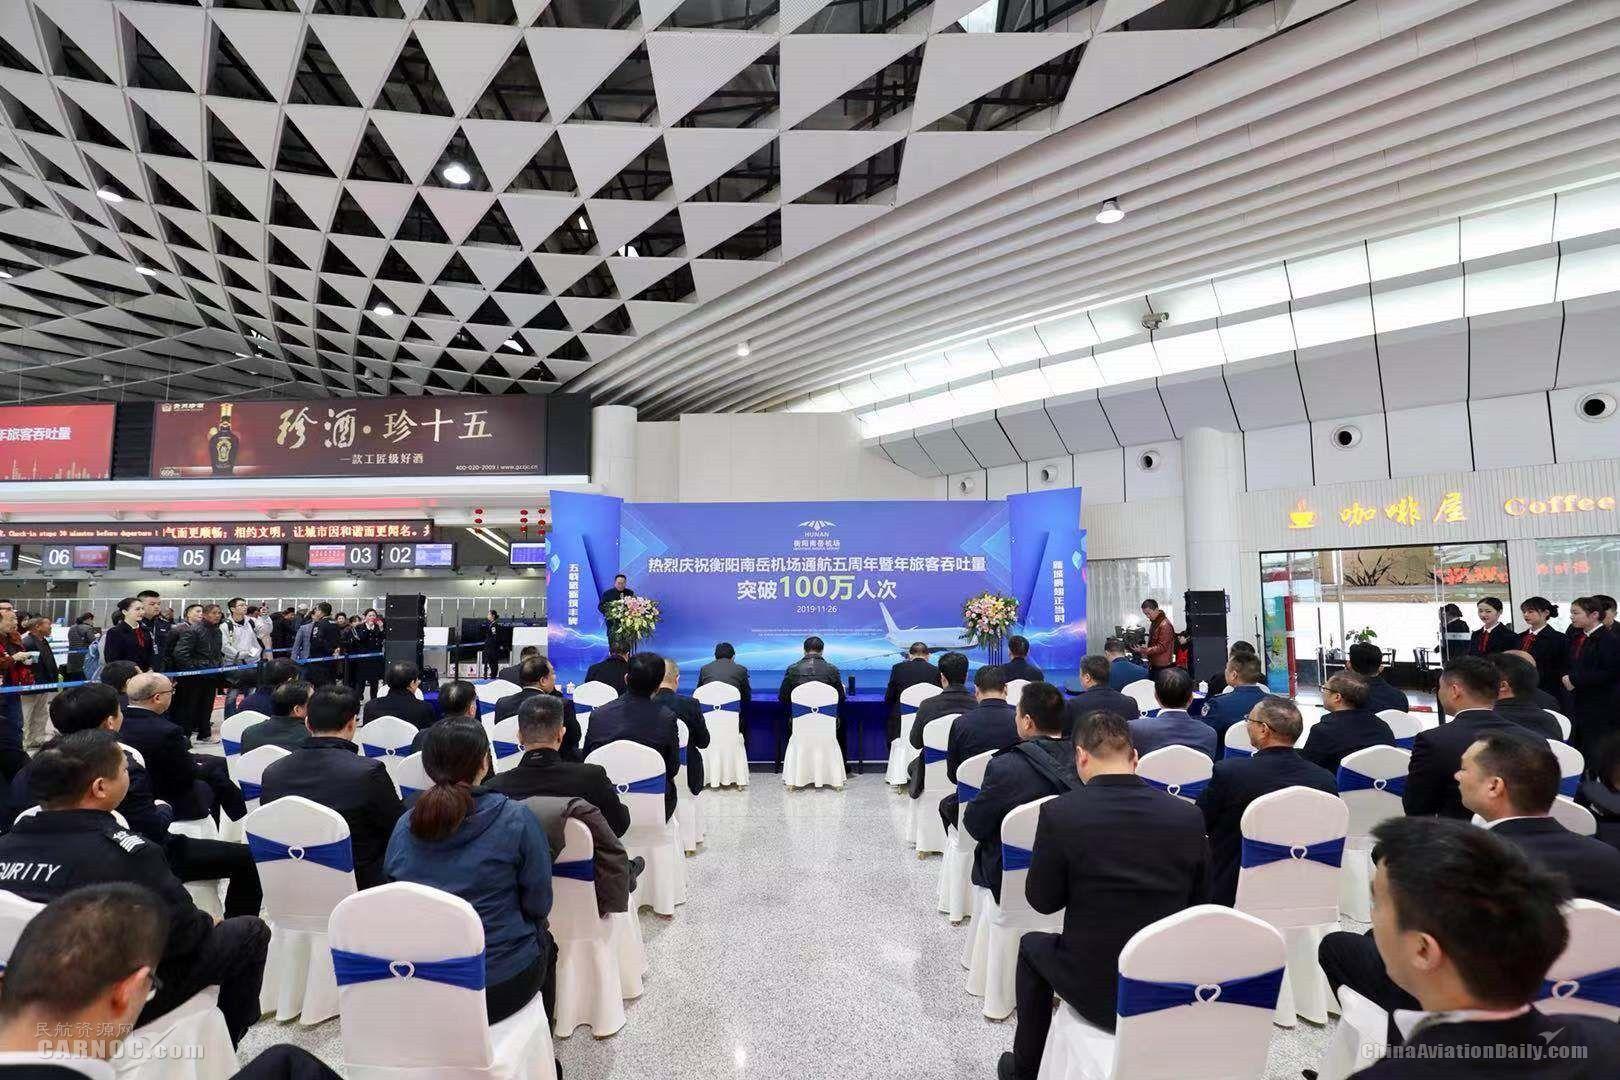 衡阳机场年旅客吞吐量突破100万人次,20年计划5年完成!